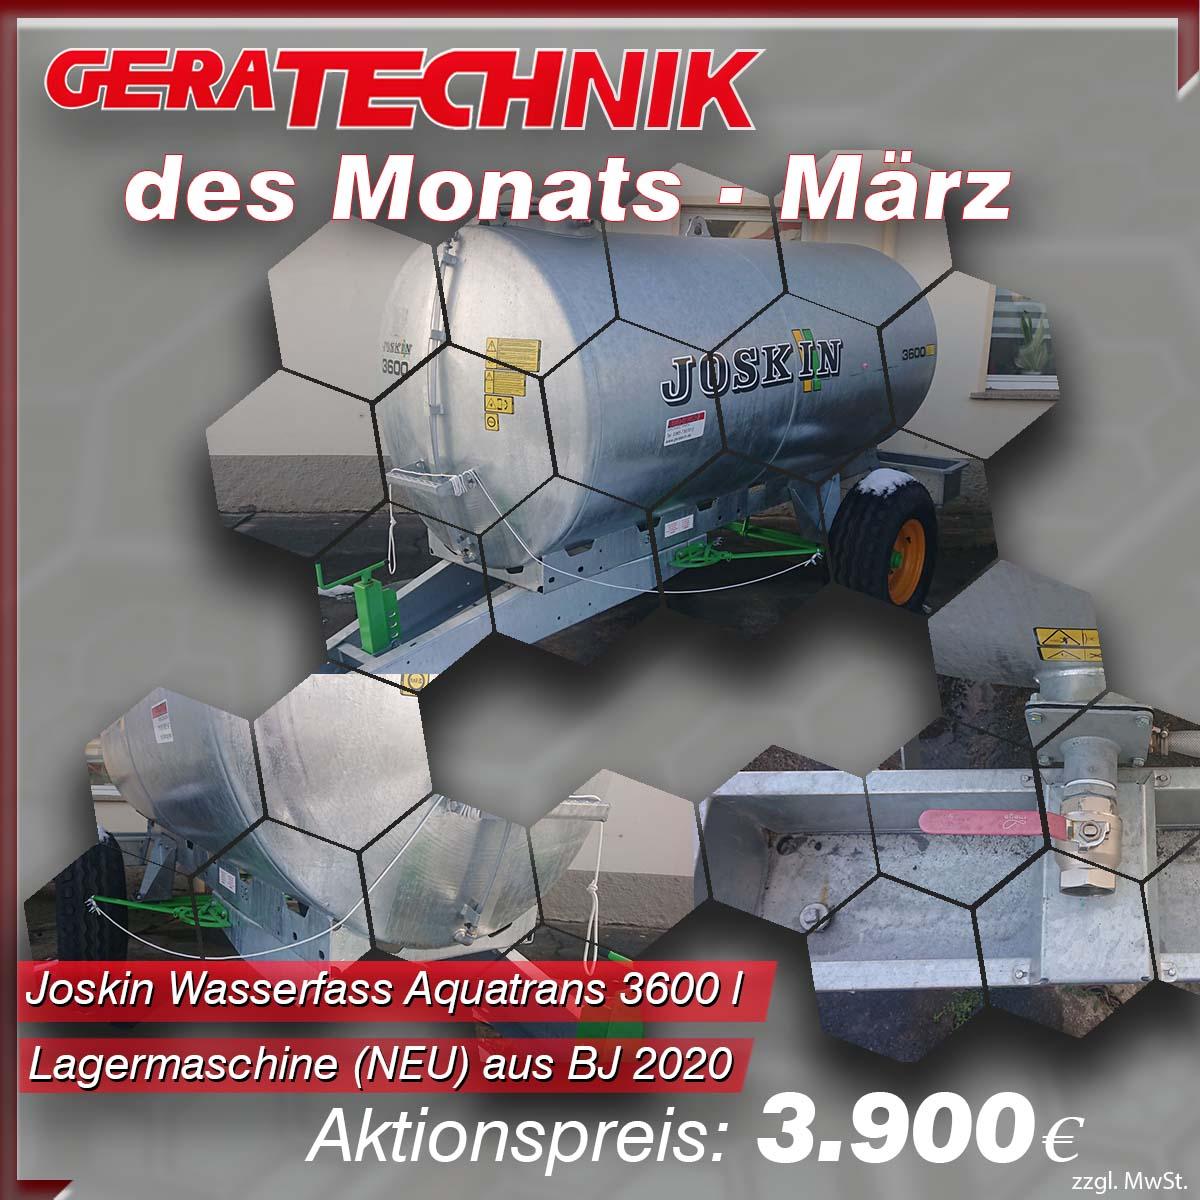 Geratechnik des Montas - das Montasangebot März 2021 Joskin Wasserfass für 3900 €